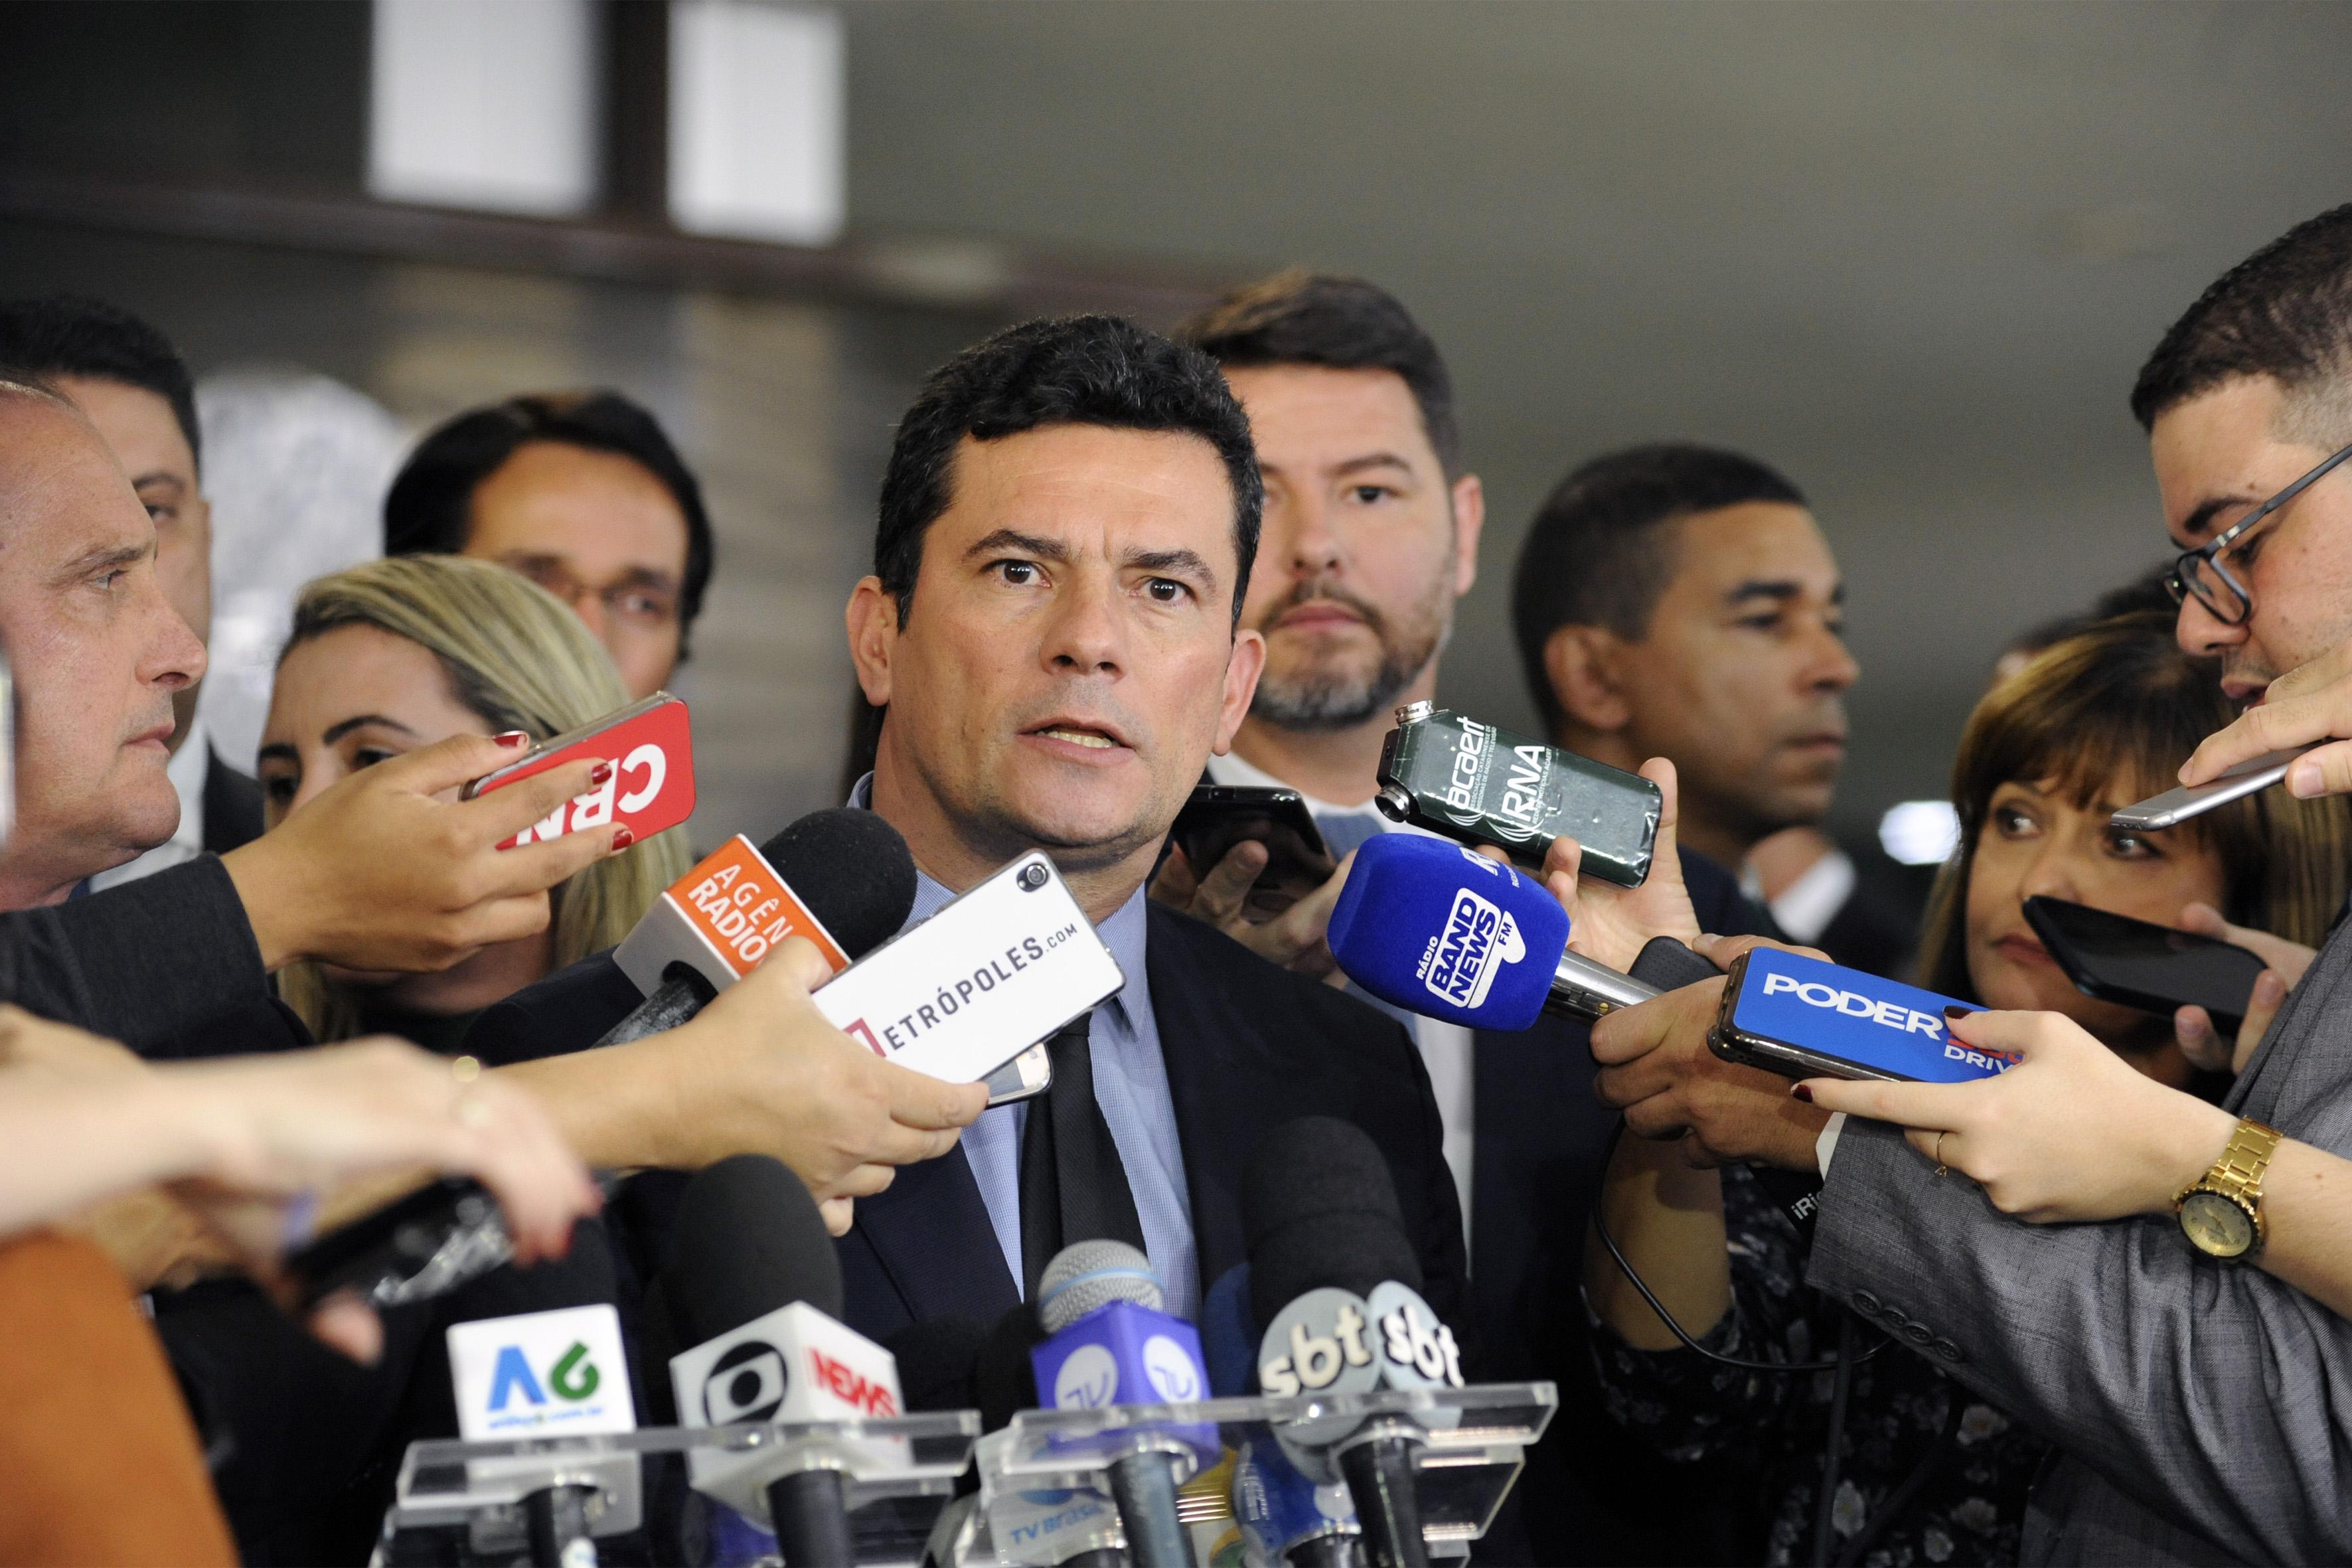 Entrega do pacote anticrimes. Ministro da Justiça e Segurança Pública do Brasil, Sérgio Moro